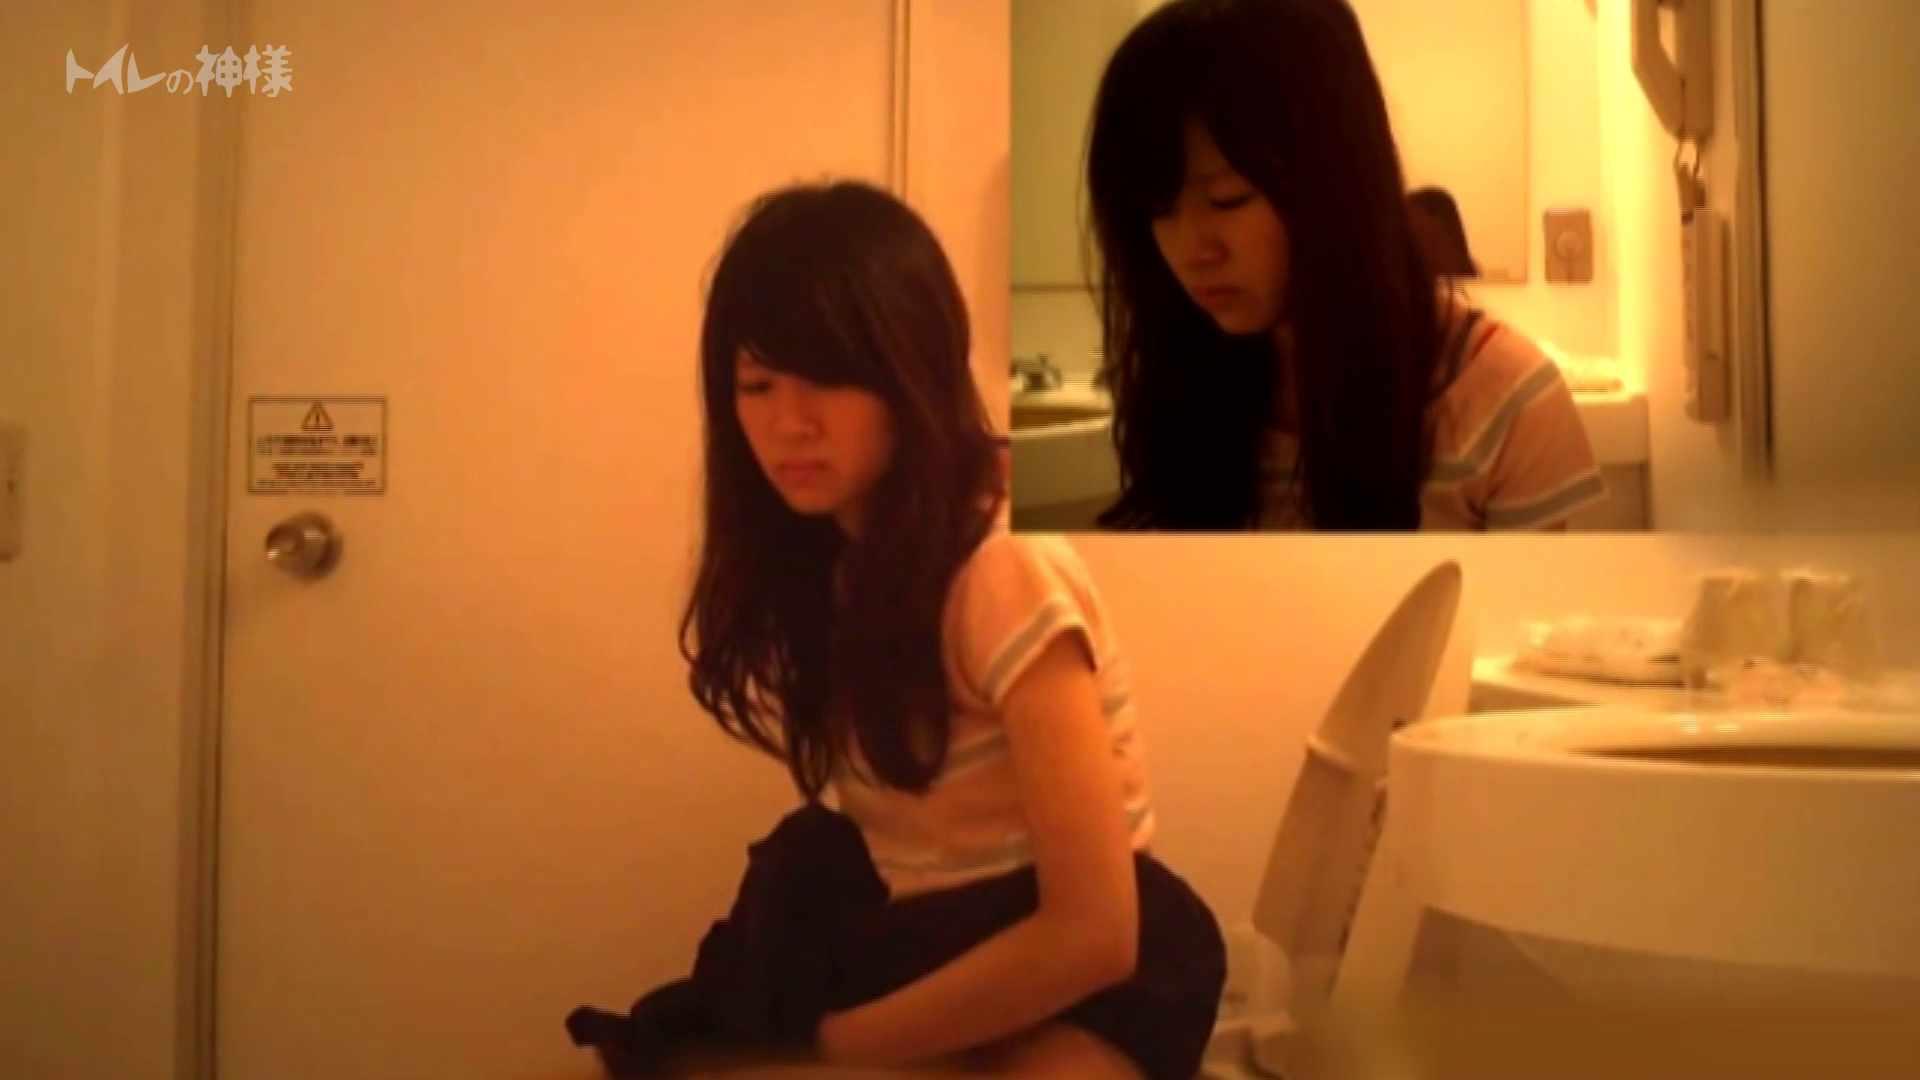 Vol.04 女子大生のトイレ恥態 トイレで・・・ ぱこり動画紹介 89画像 52